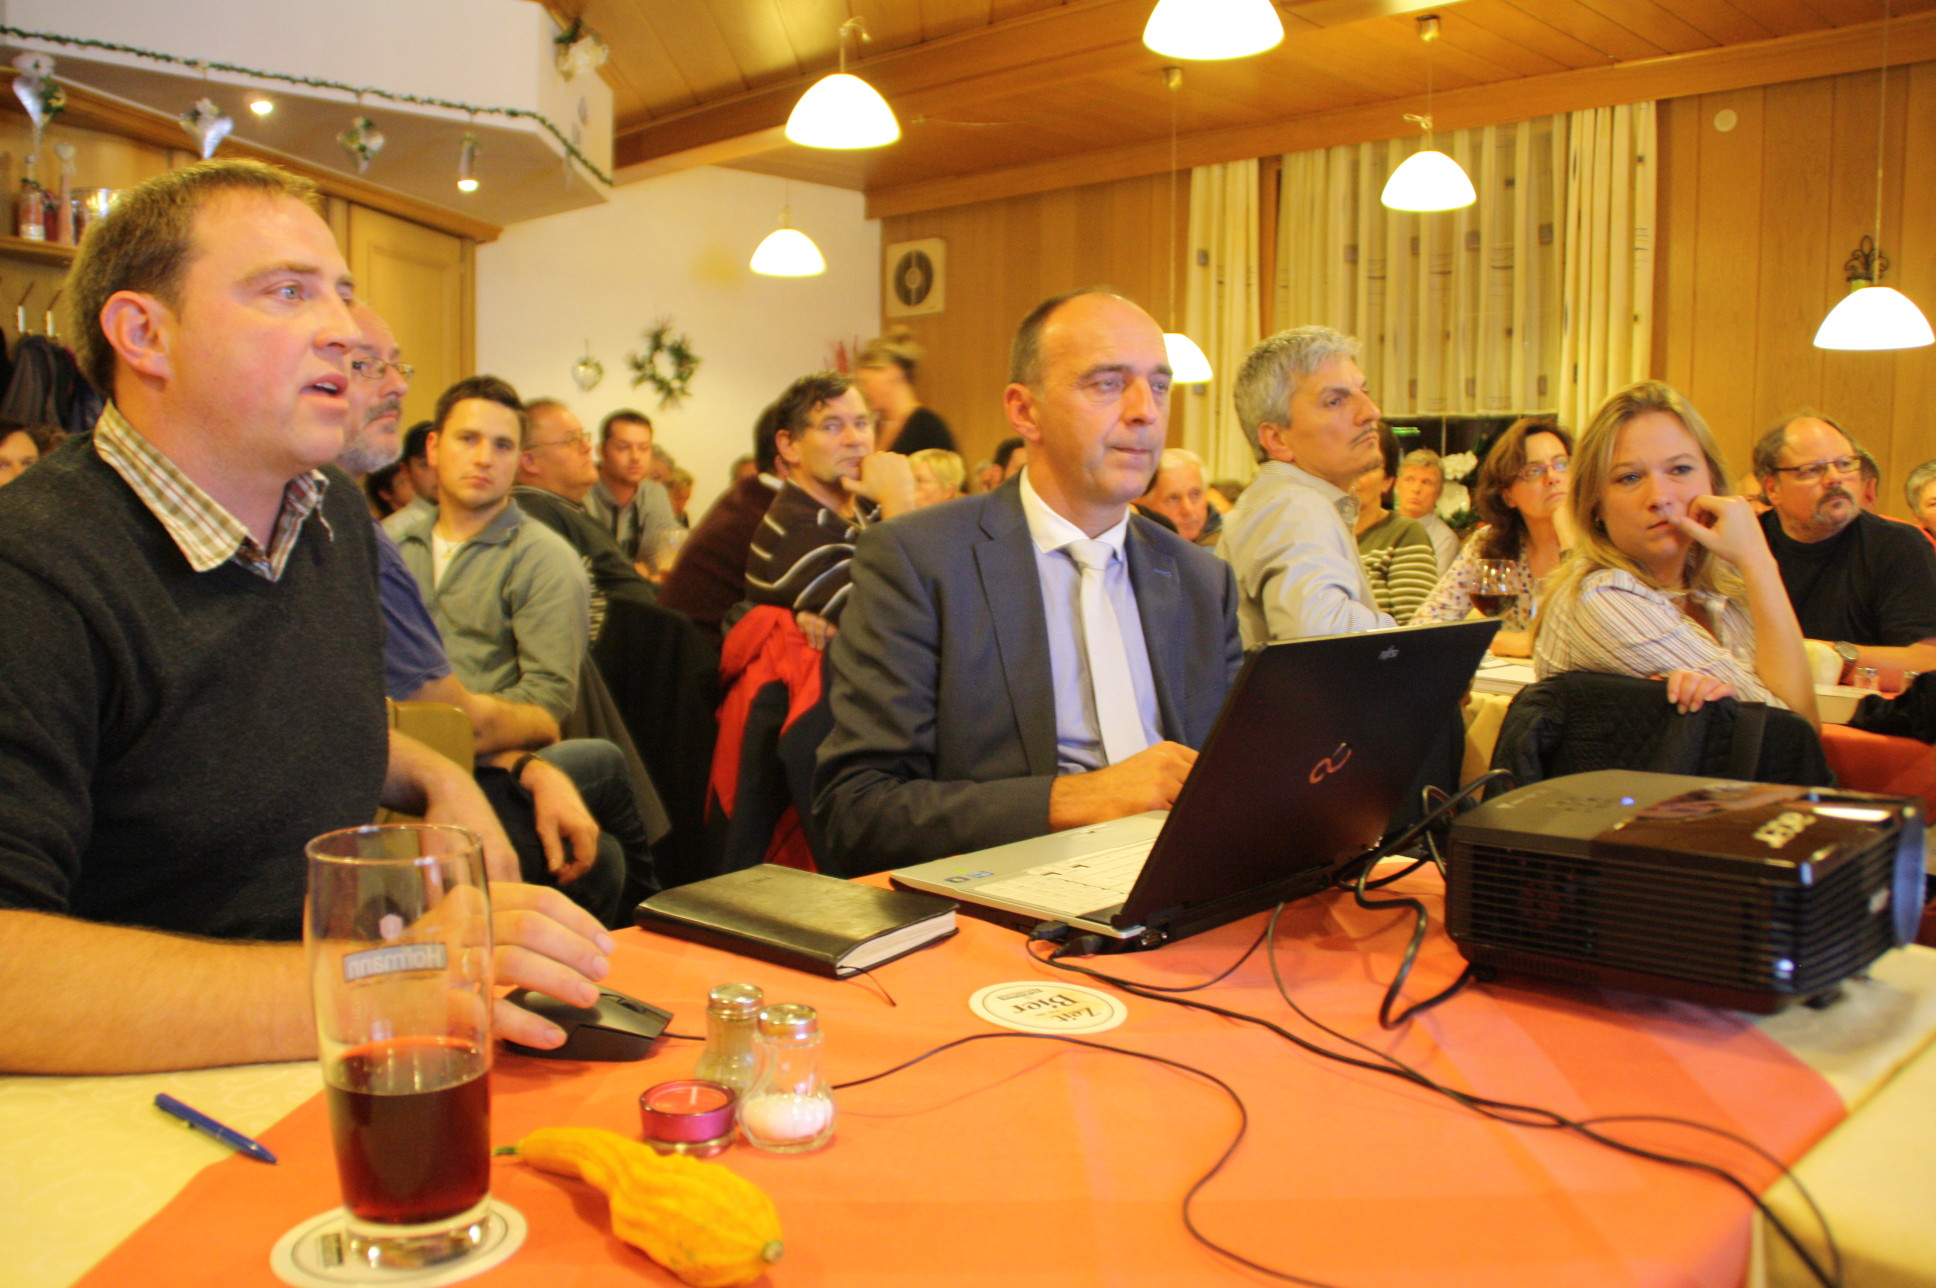 daneben Wolfgang Leideck und Susanne Hausmann, beide Sprecher der Bürgerinitiative.